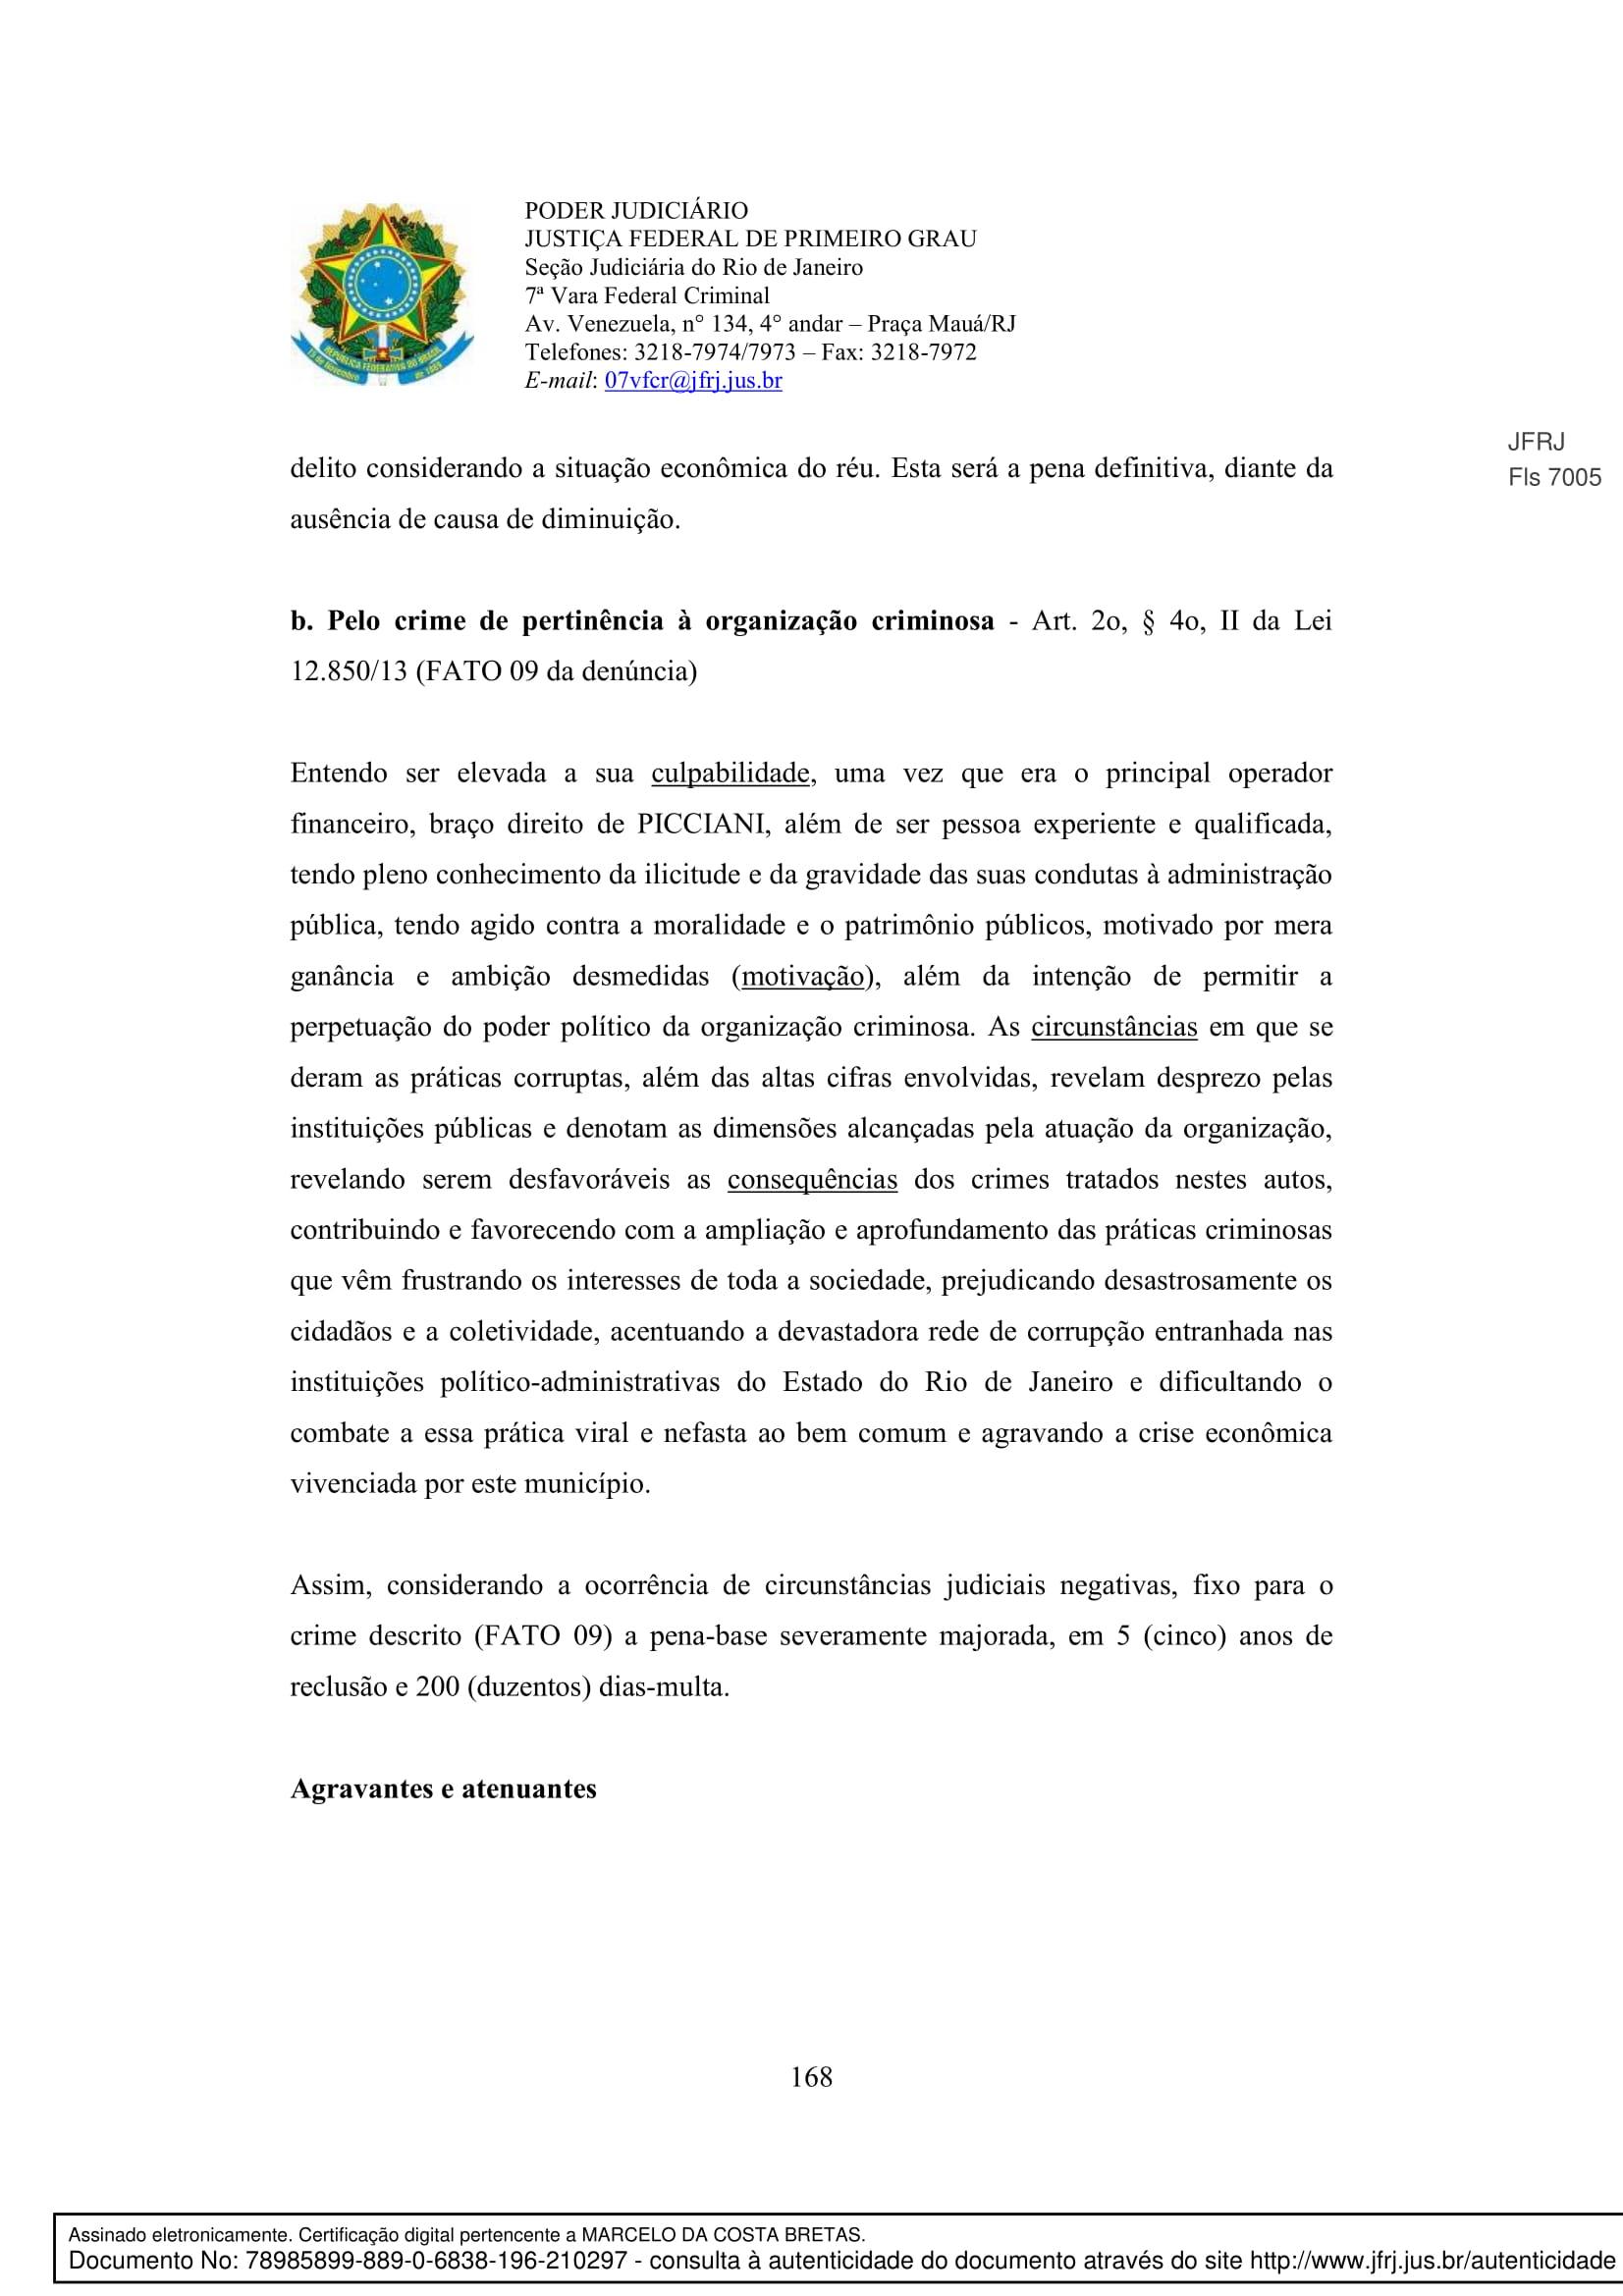 Sentenca-Cadeia-Velha-7VFC-168